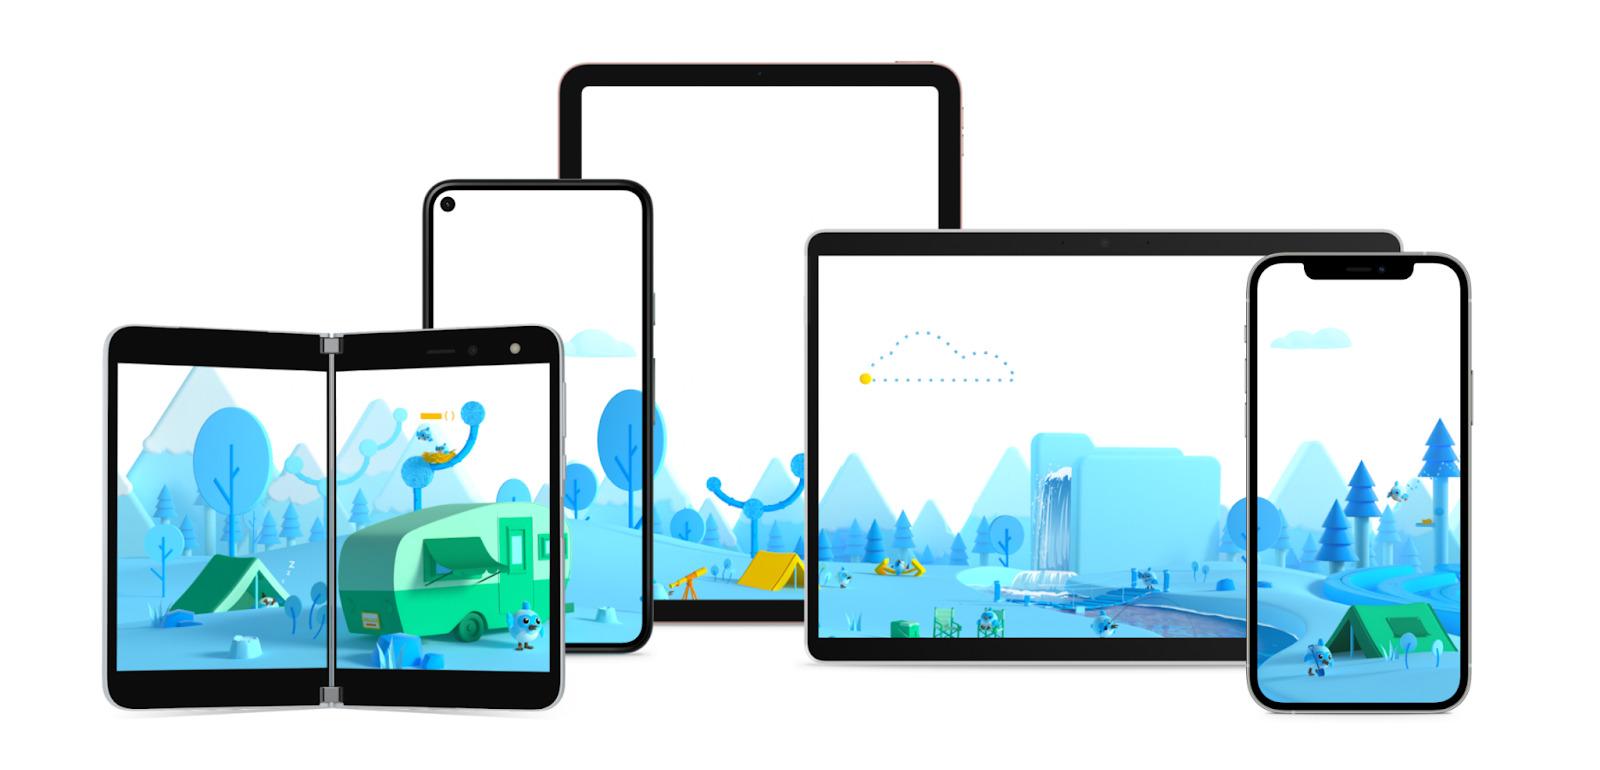 Google lance Flutter 2.0 : quelles sont les nouveautés du framework multiplateforme ?